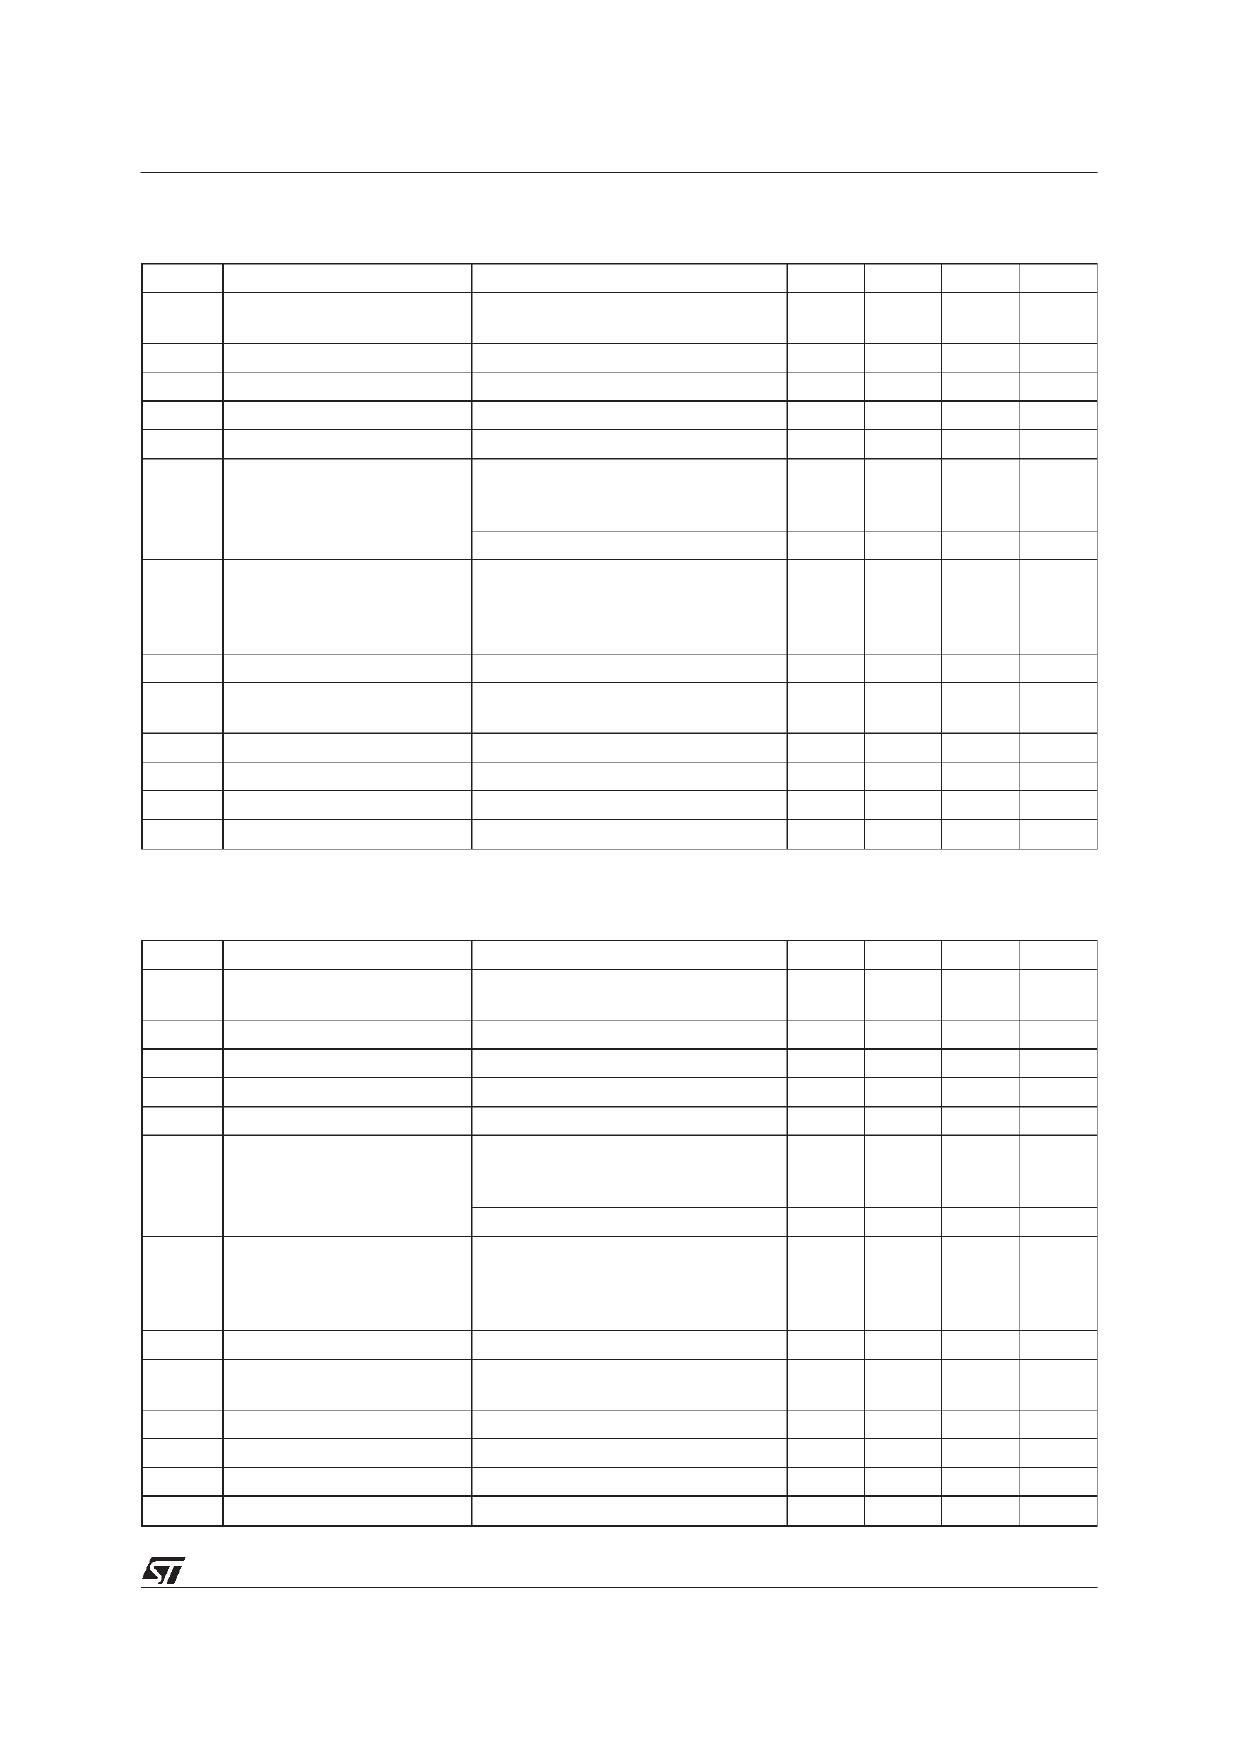 KF25 pdf